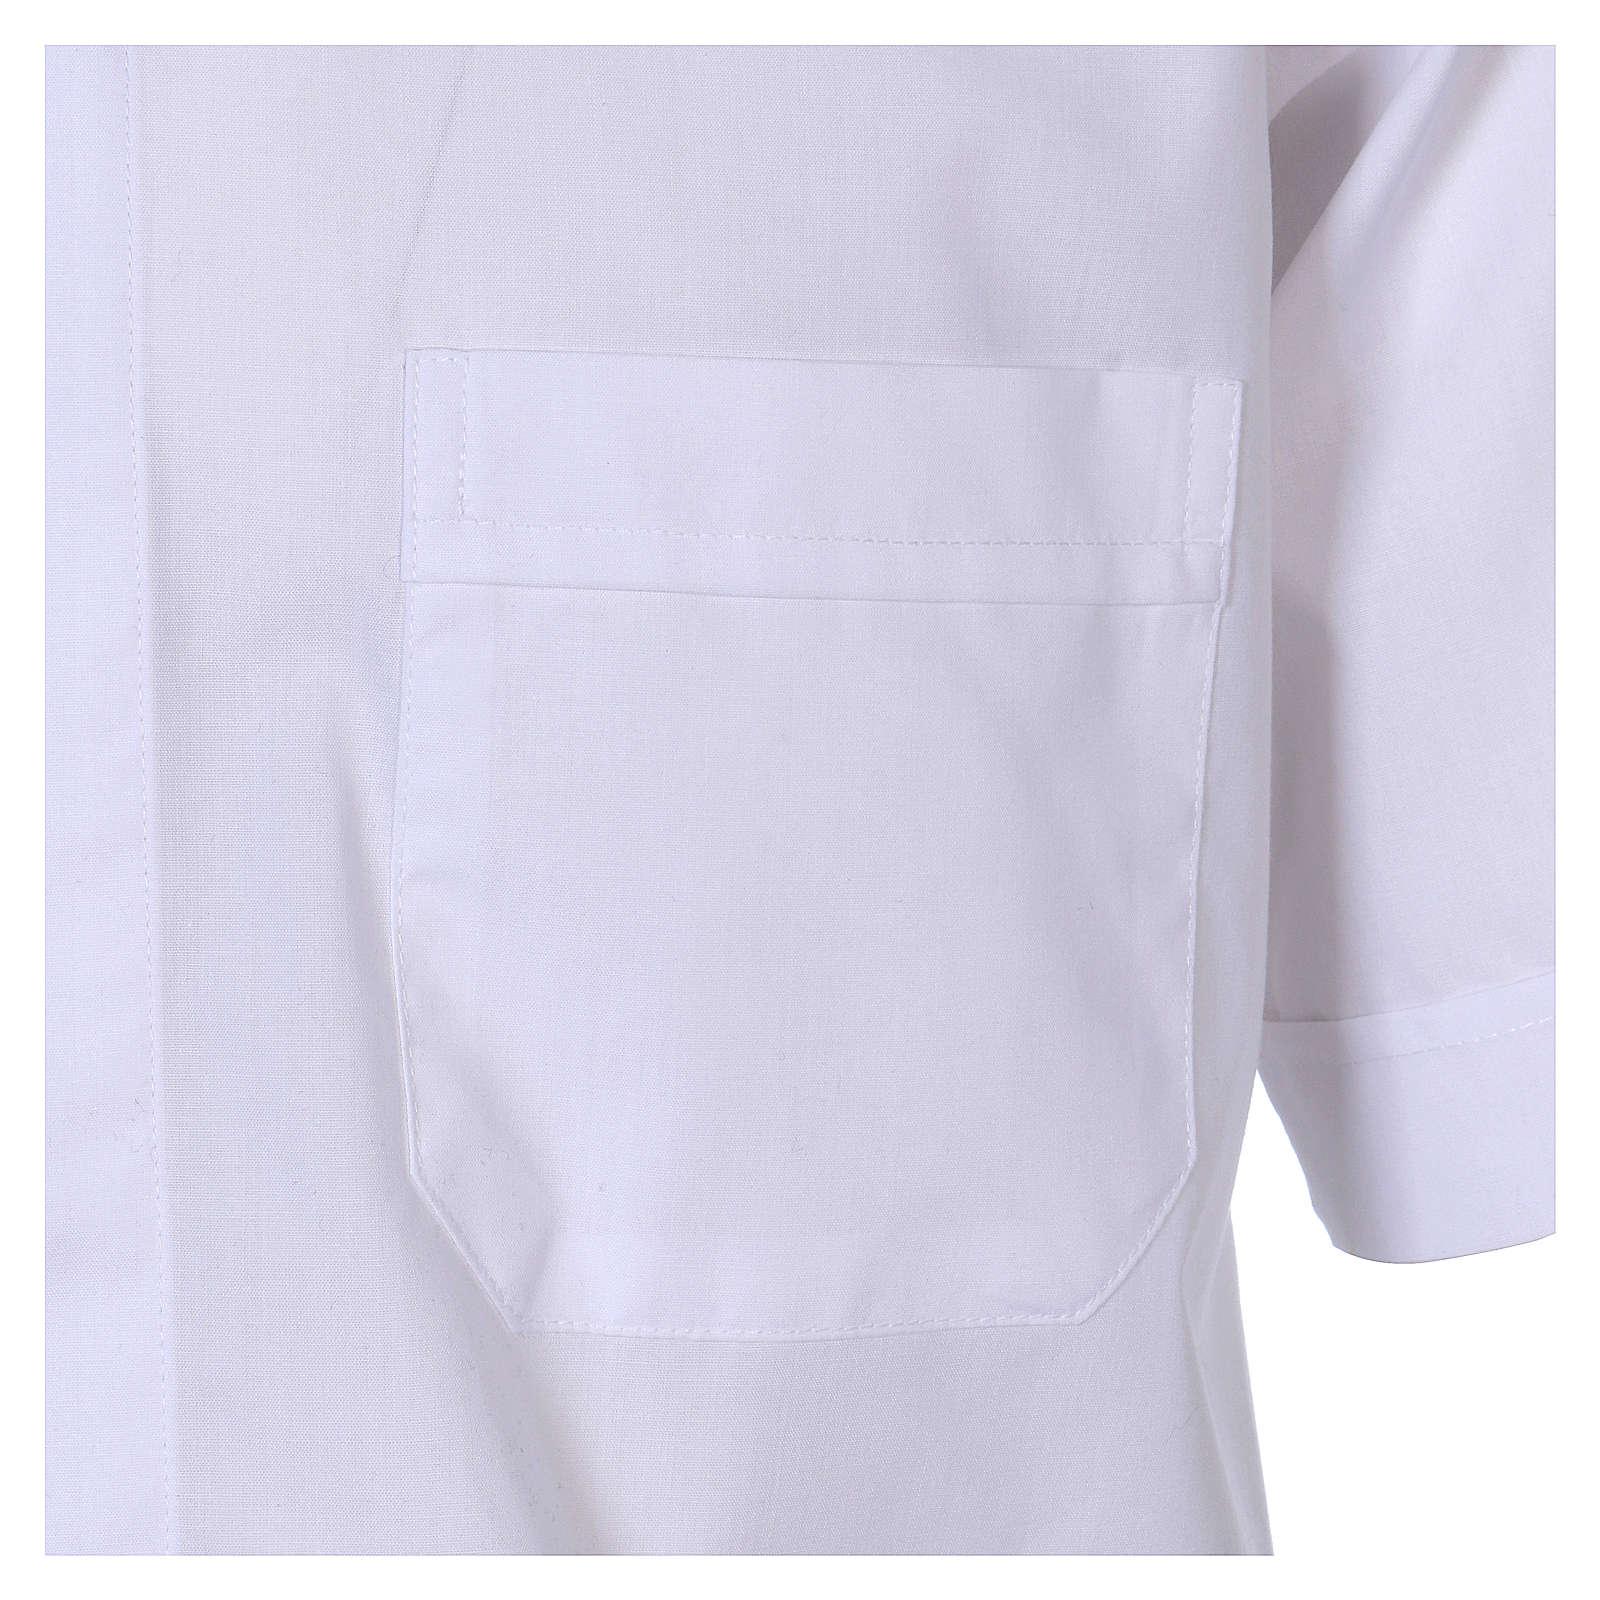 Koszula kapłańska krótki rękaw biała mieszana bawełna In Primis 4